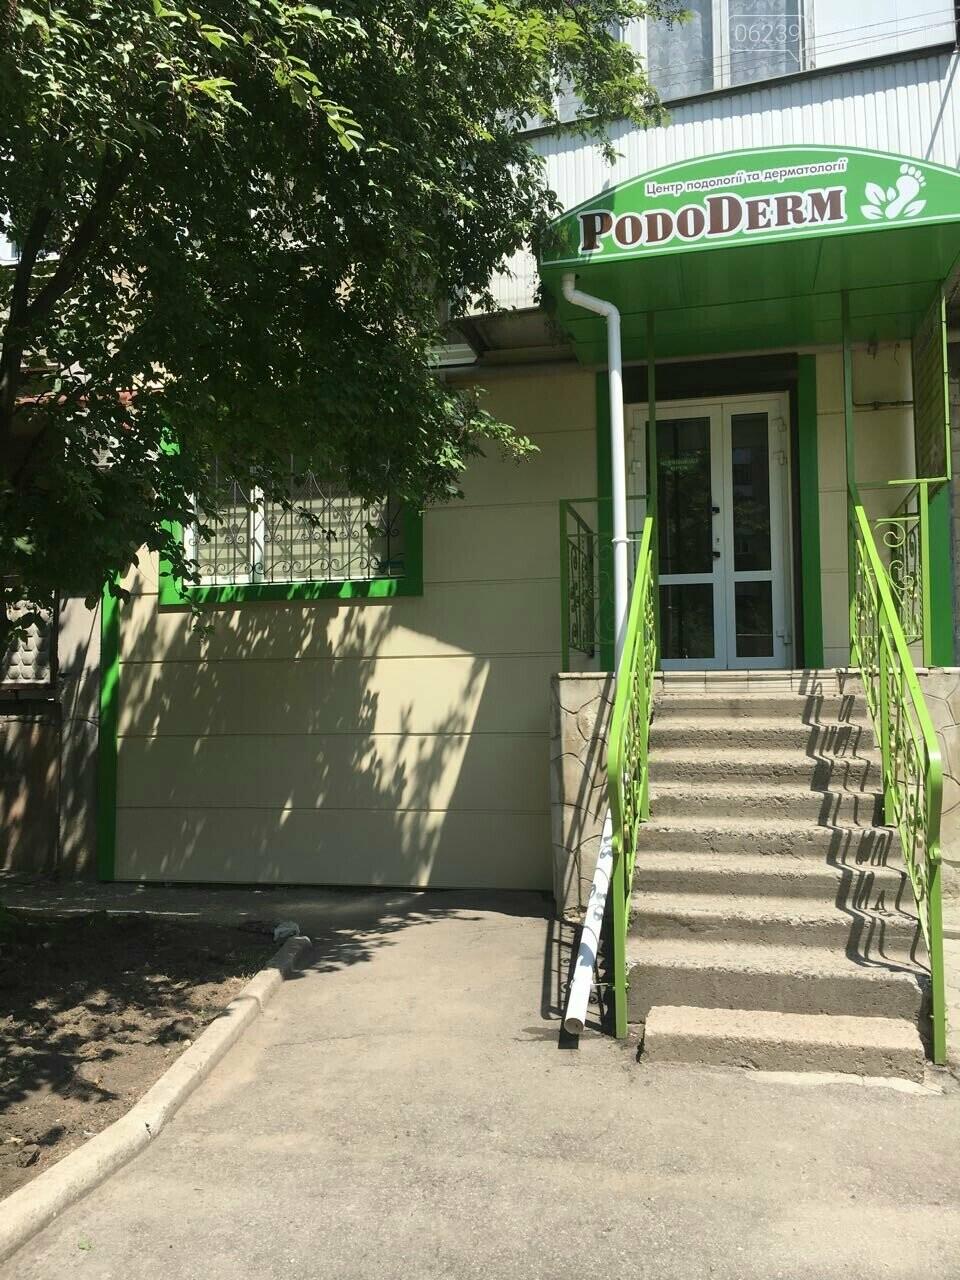 В Покровске открылся Центр подологии и дерматологии «PodoDerm», фото-6